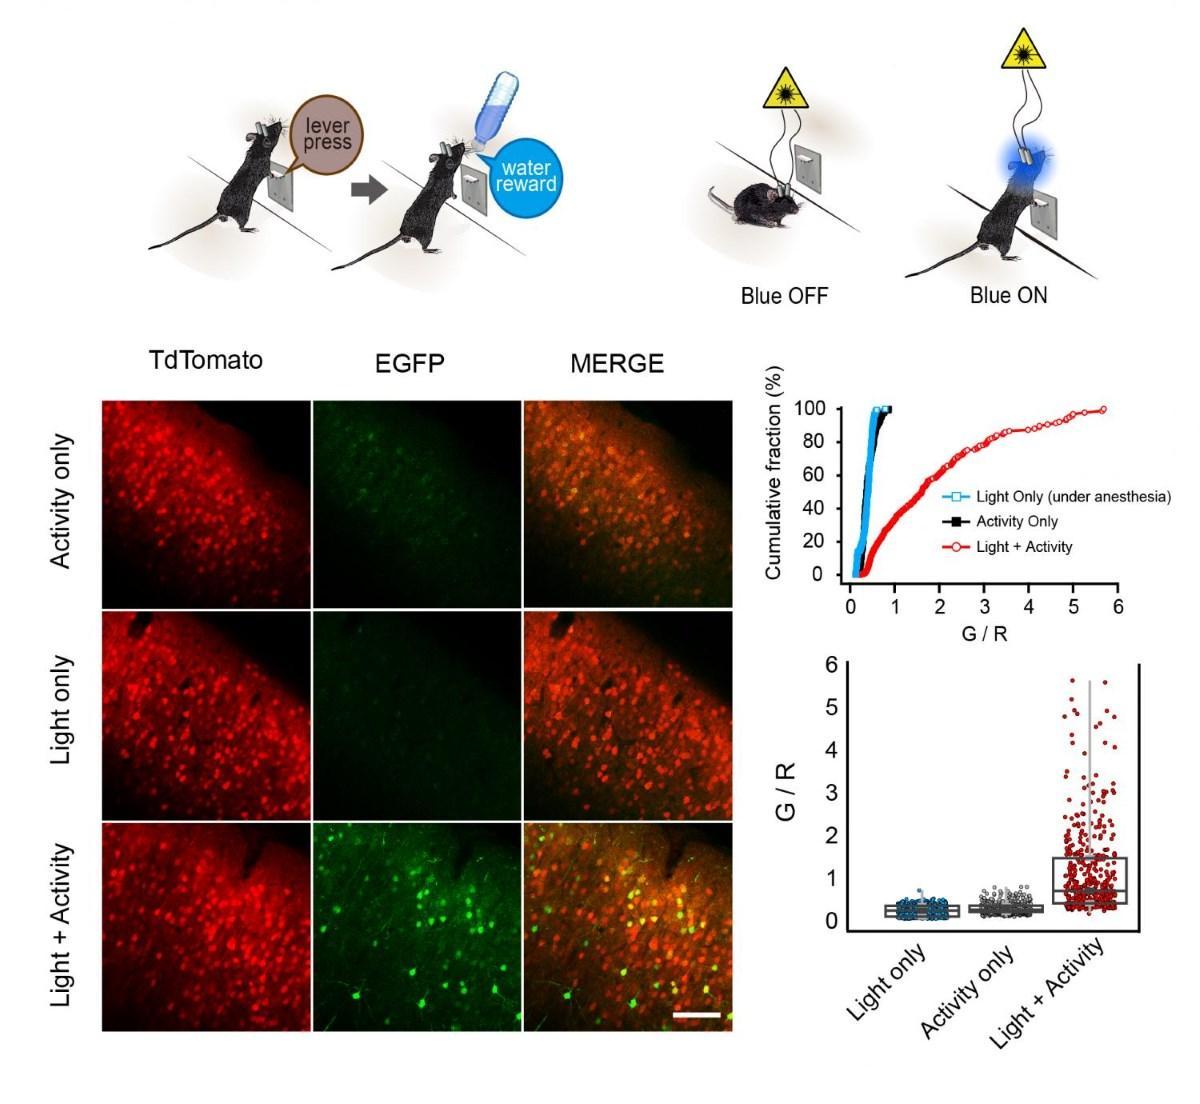 как увидеть поведение на уровне нейронов